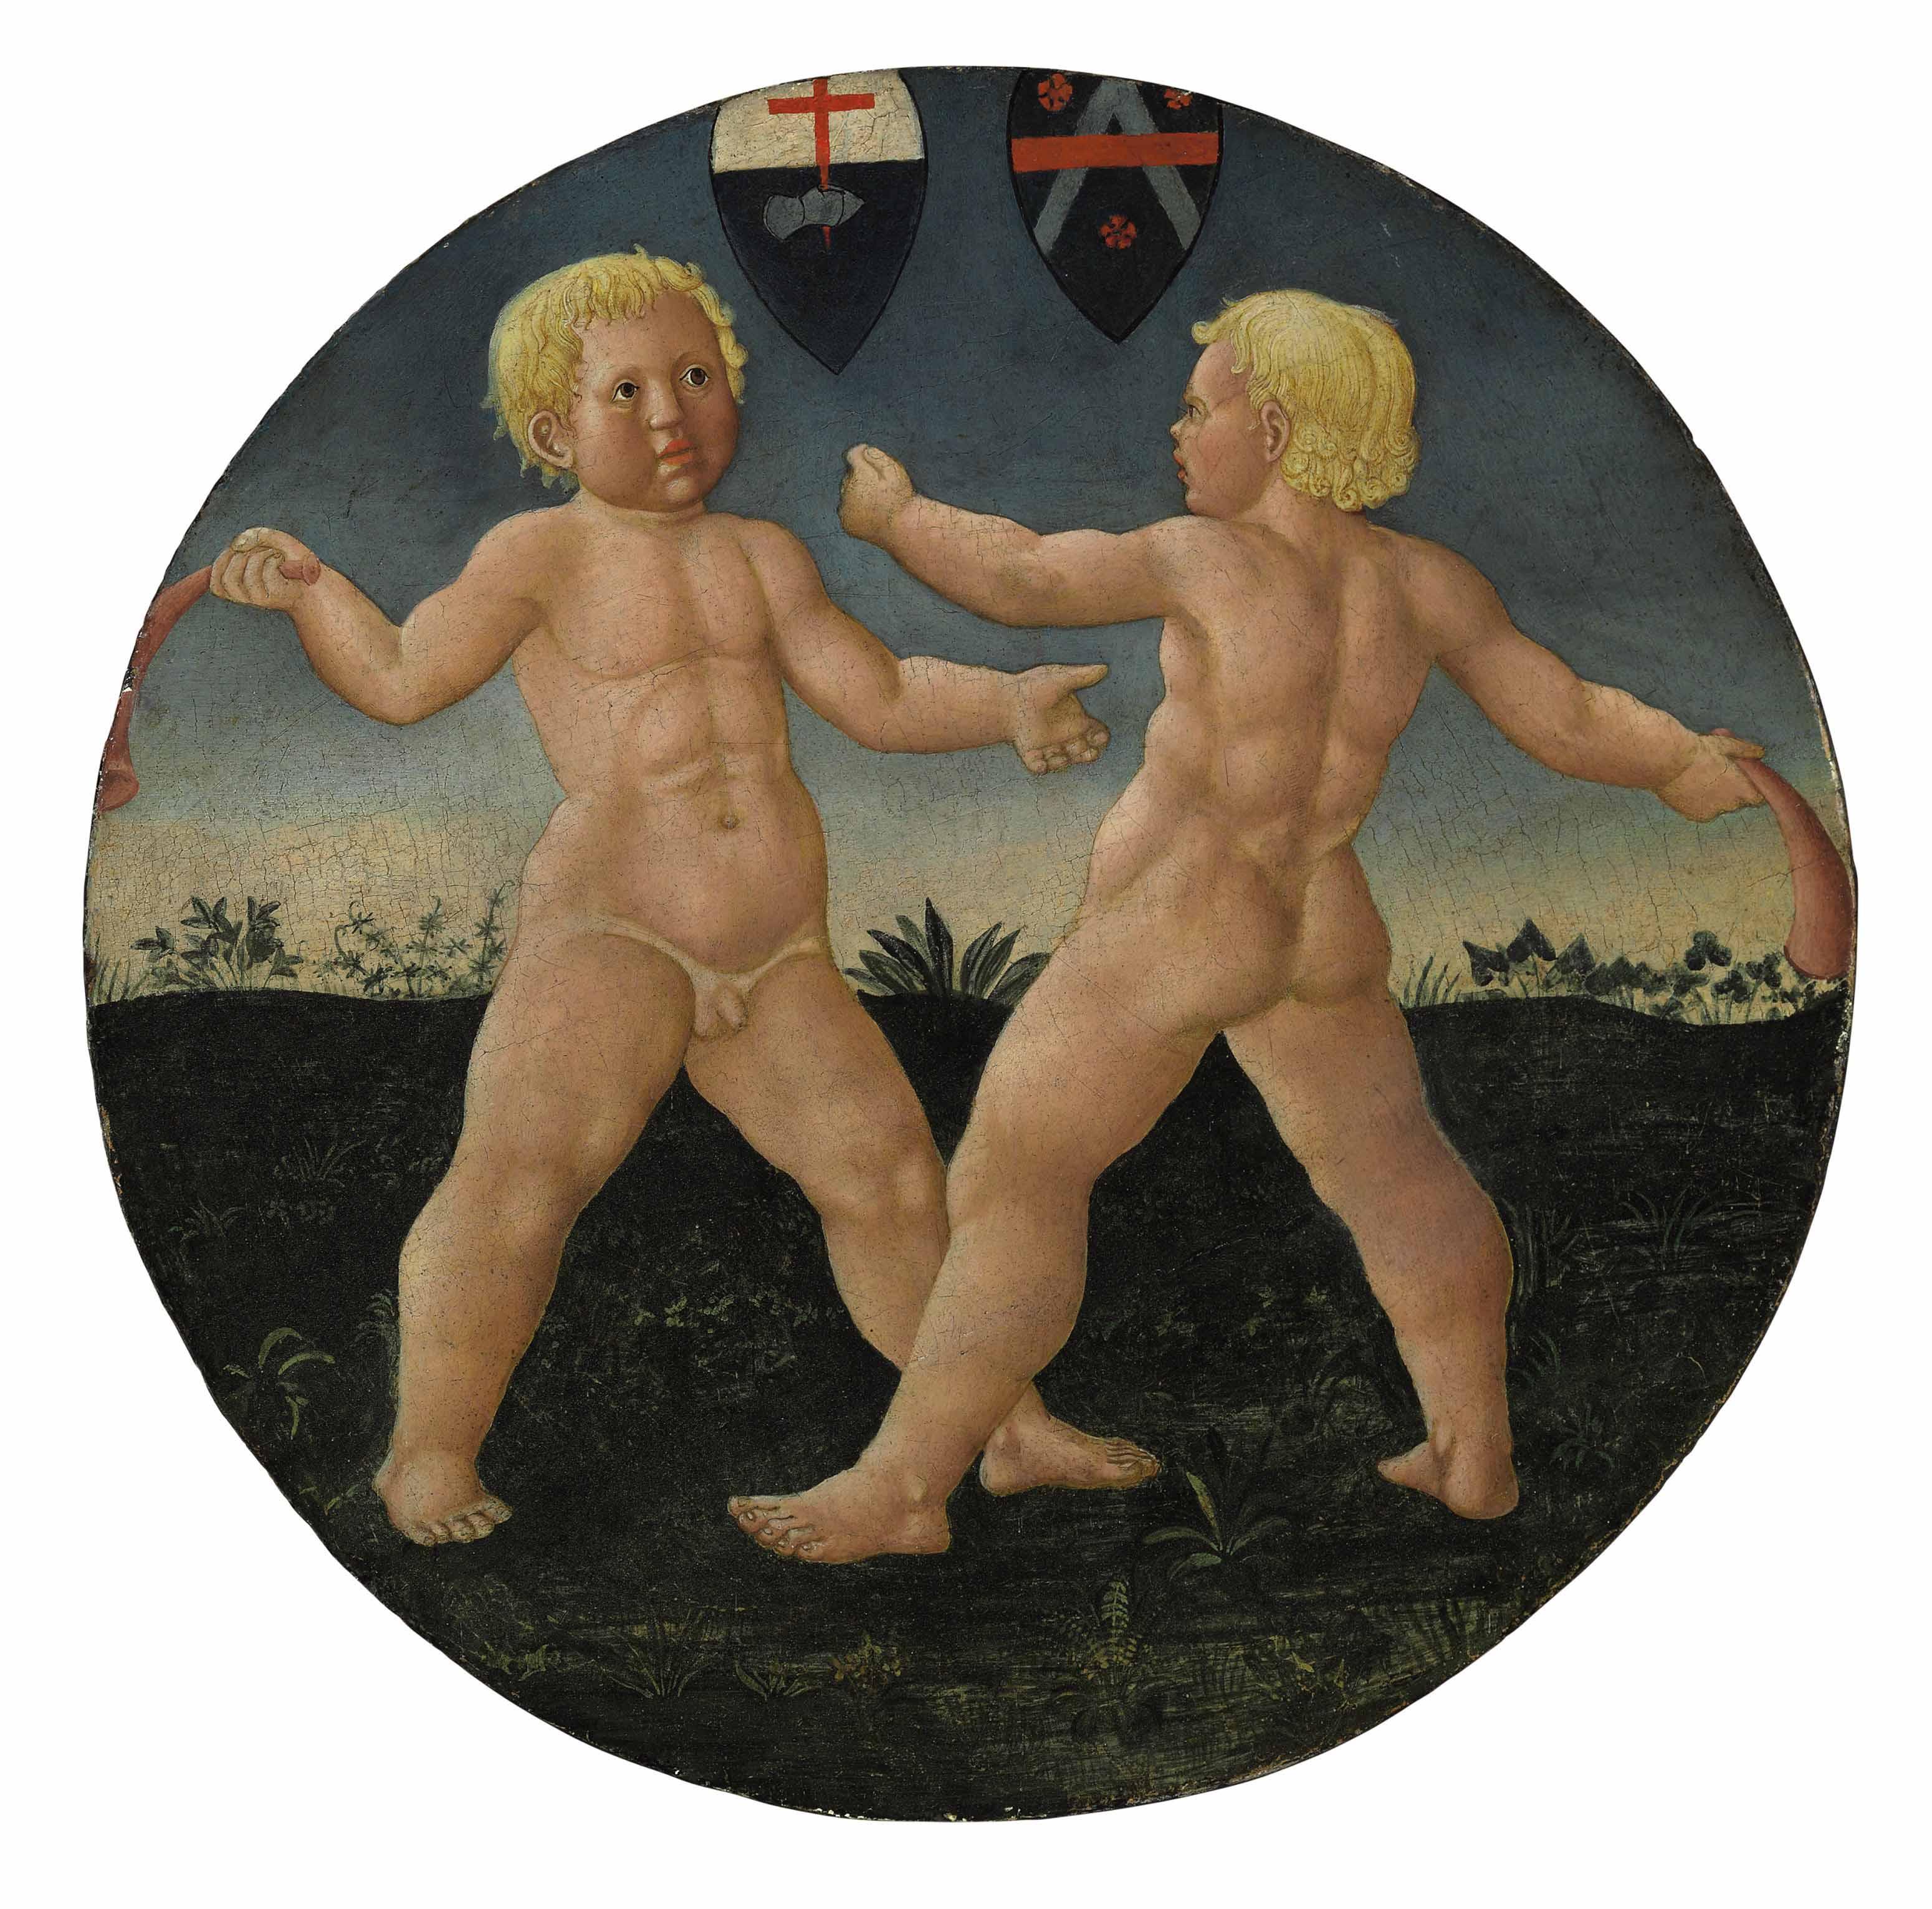 Desco da parto: Two boys at play